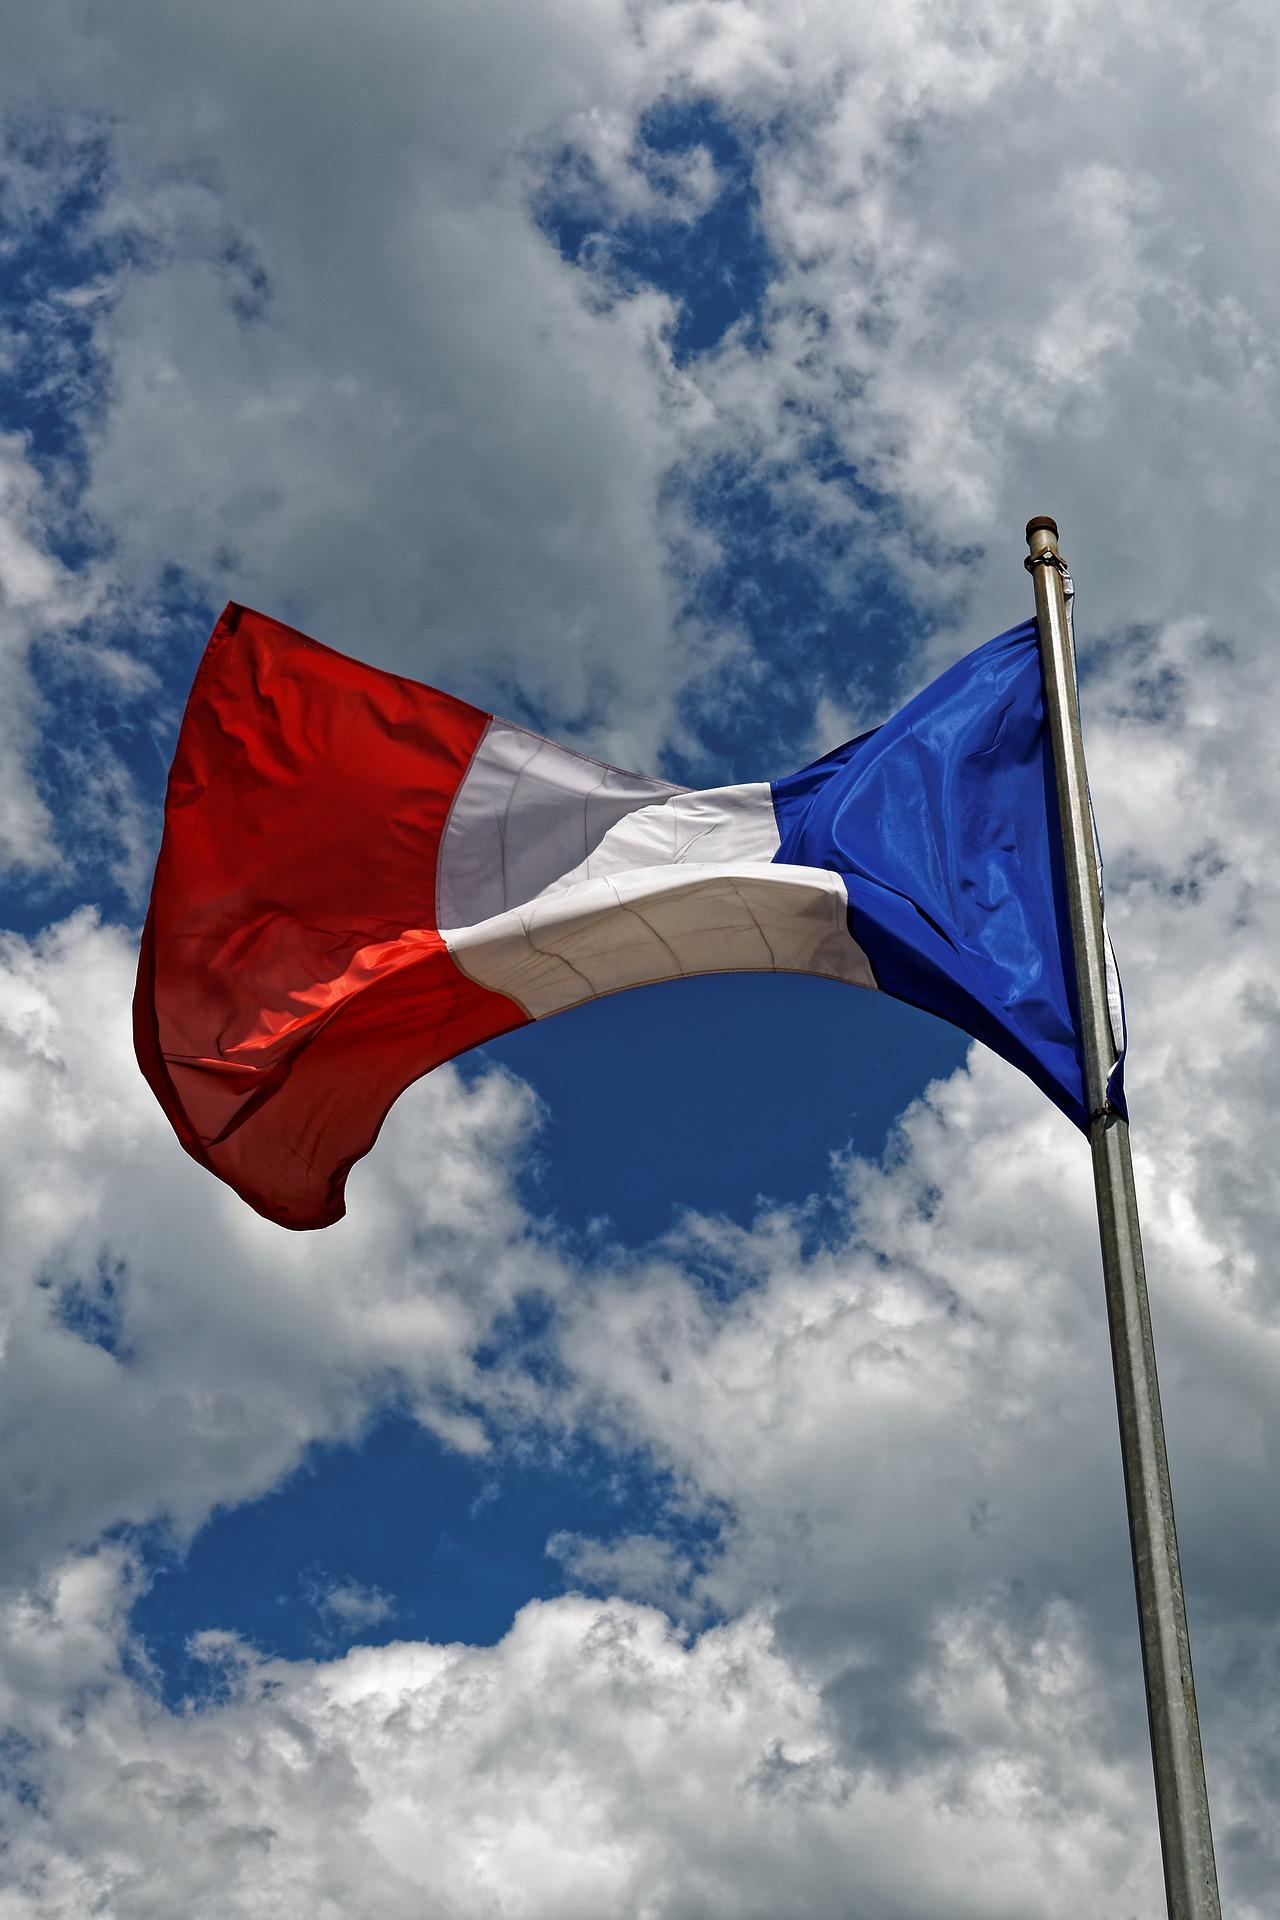 L'Insee toujours plus optimiste que Bercy sur la récession en 2020